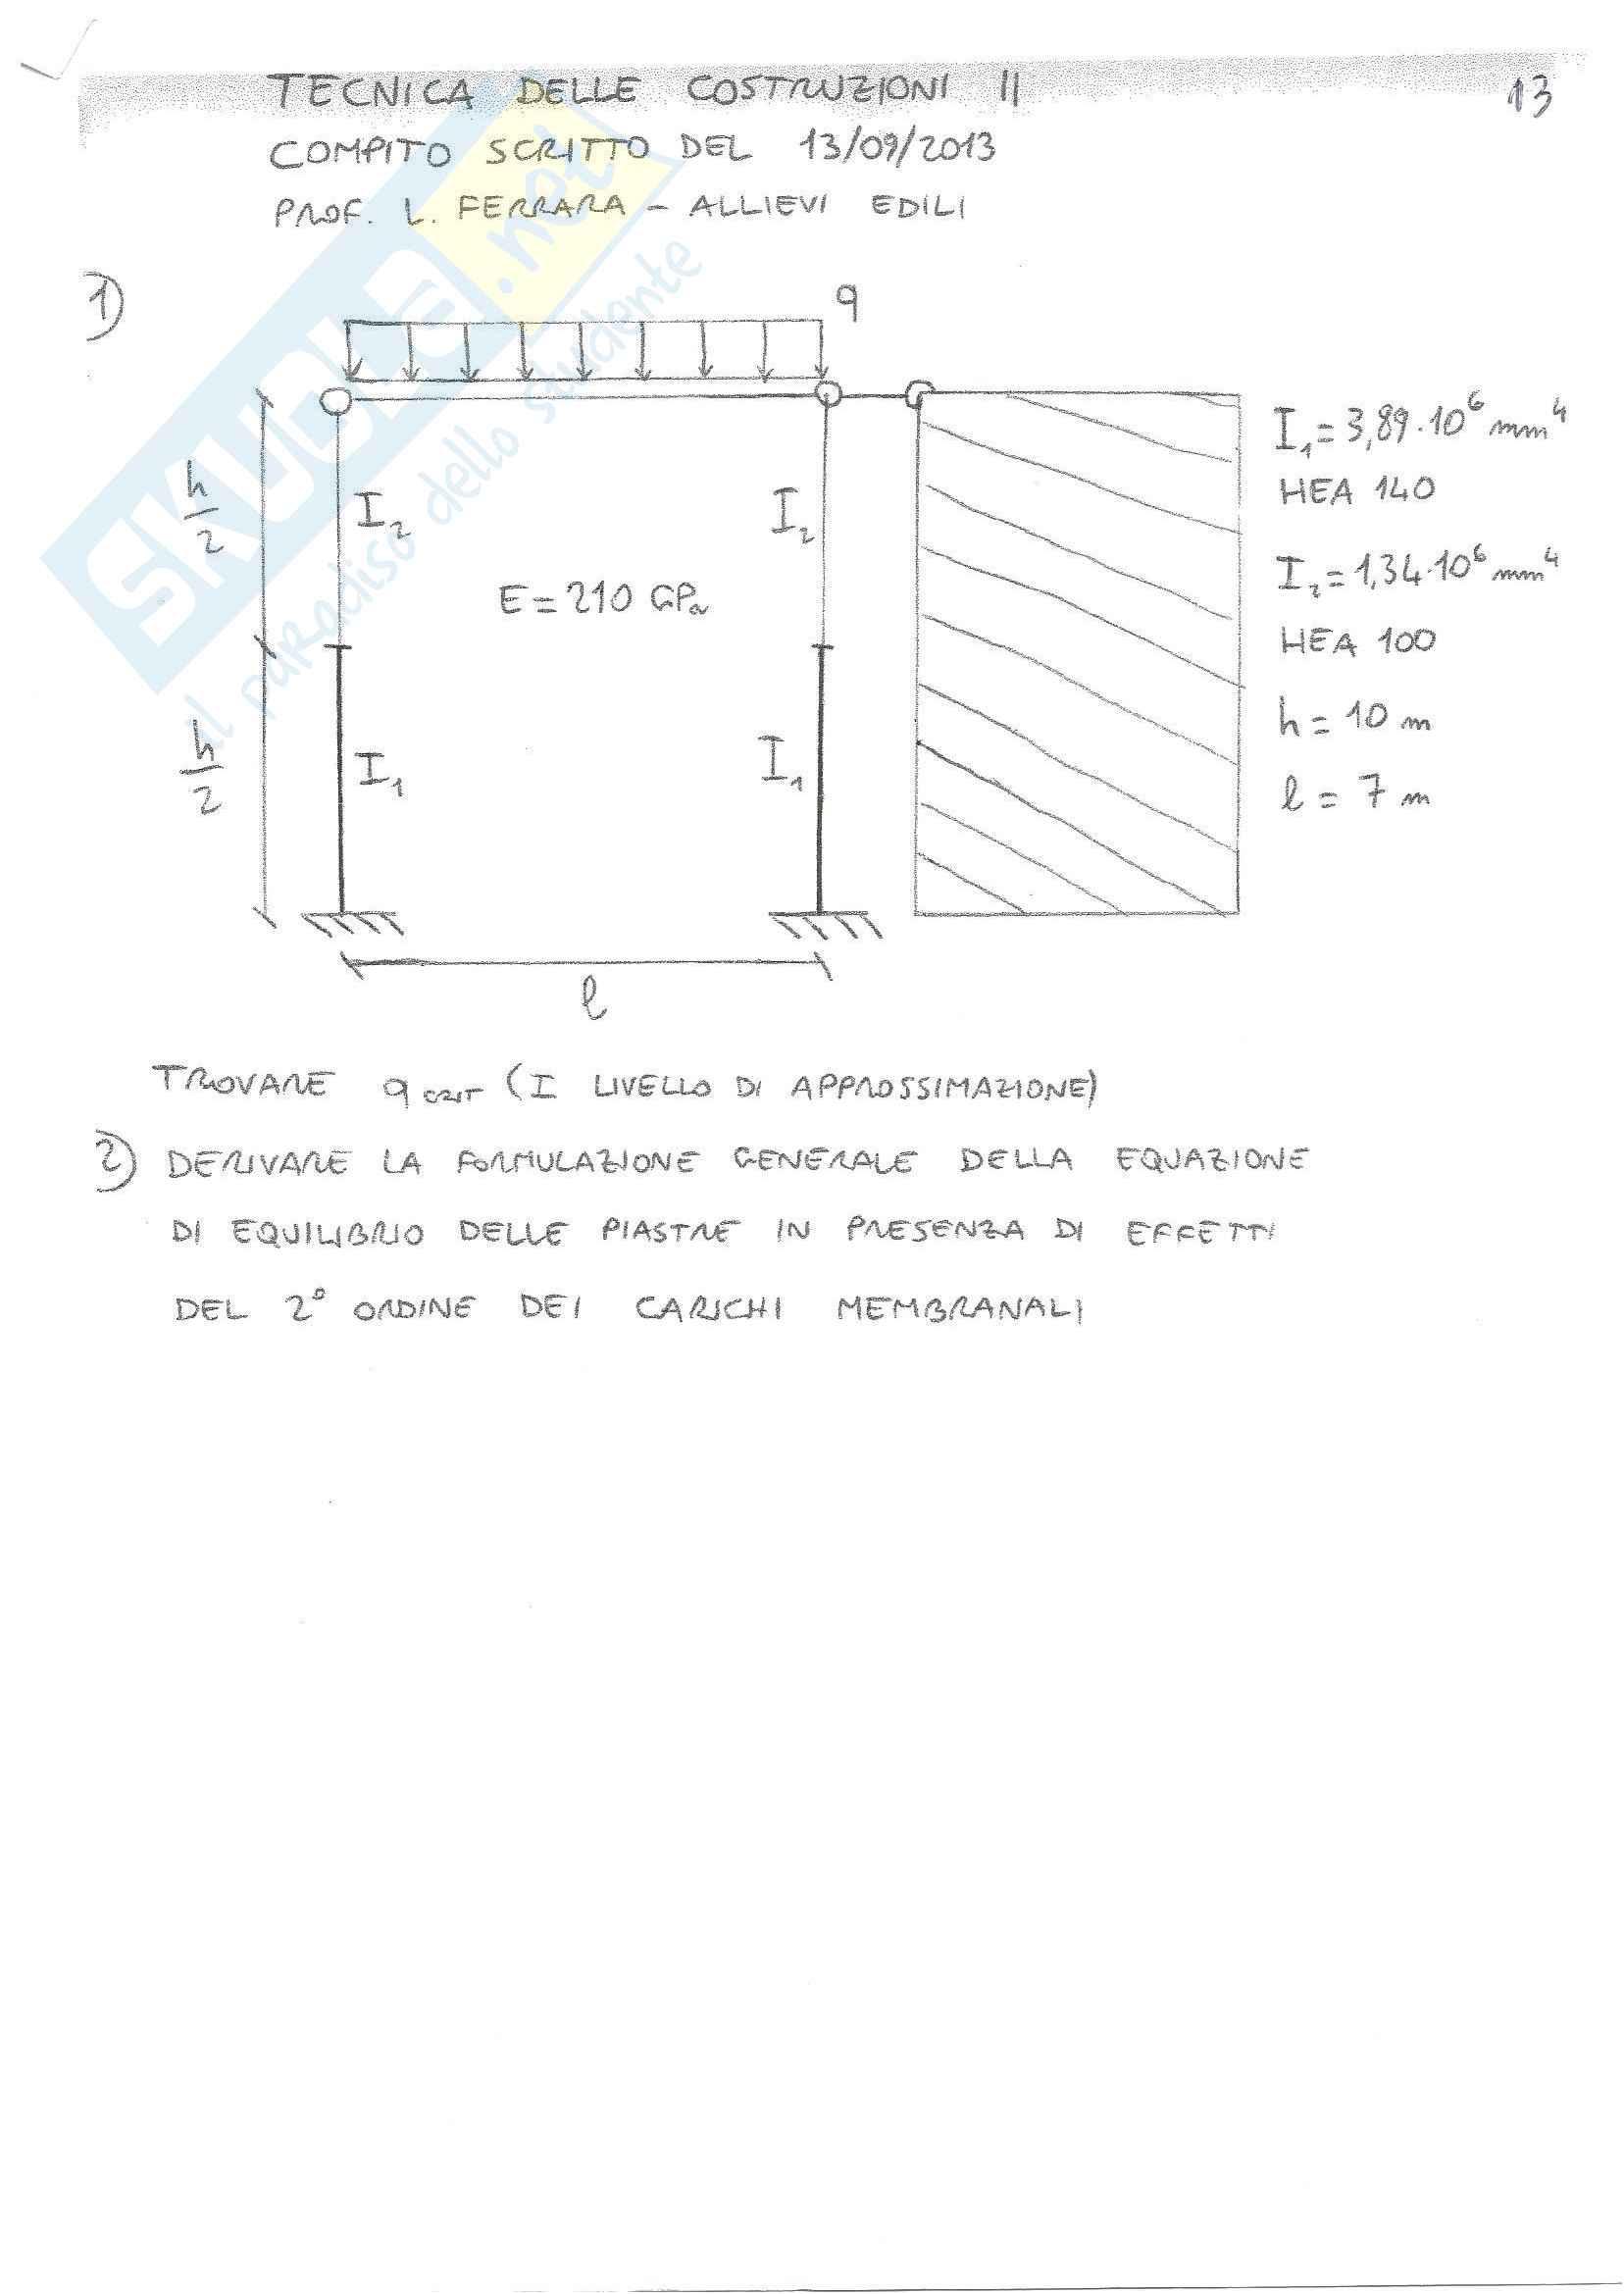 Tecnica delle Costruzioni II - Temi D'Esame B (Svolti)